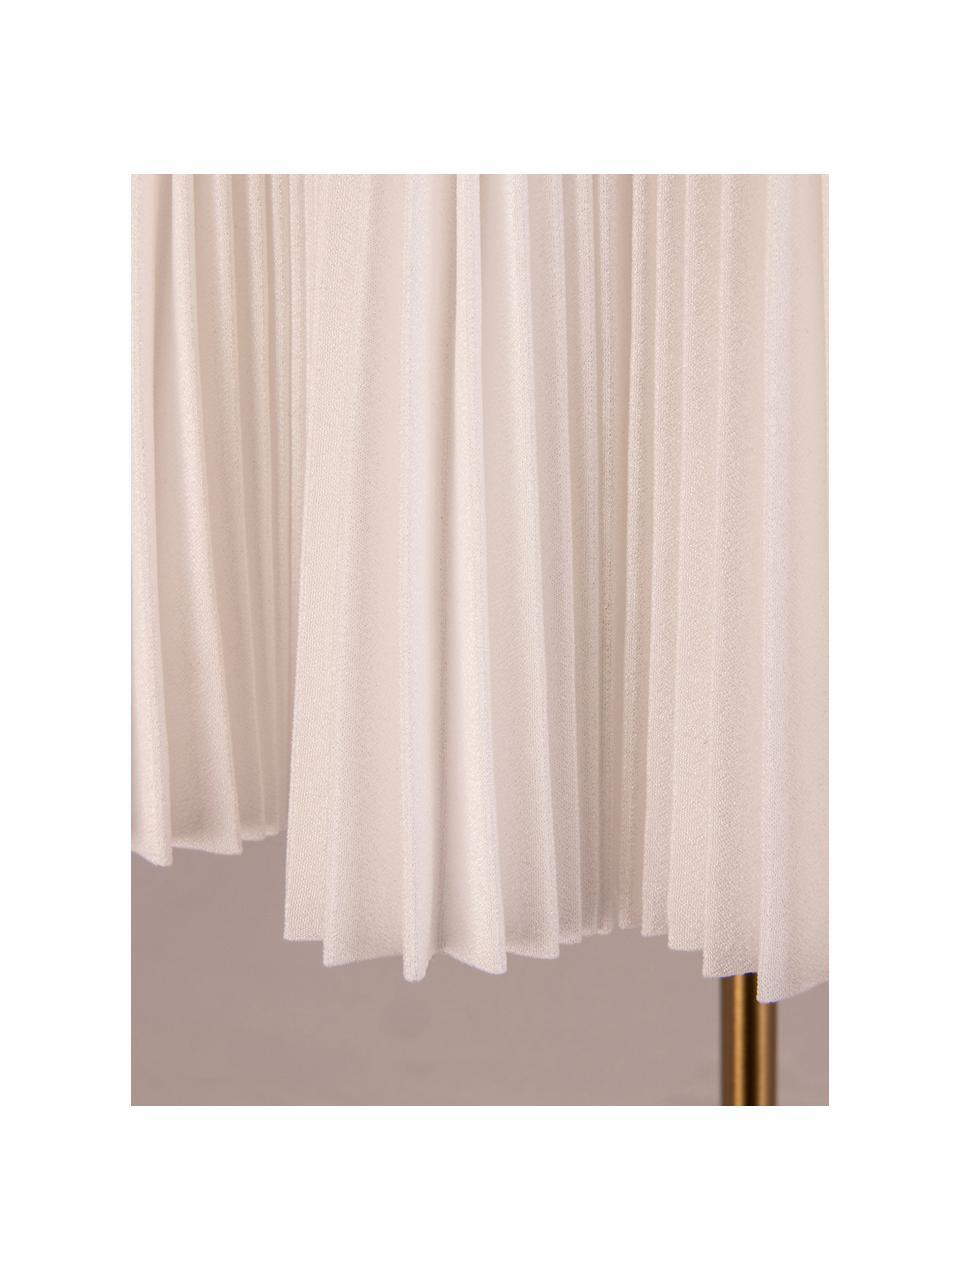 Lampada da tavolo in tessuto plissettato Edith, Paralume: cotone, Base della lampada: metallo, Bianco latteo, ottonato, Ø 20 x Alt. 50 cm